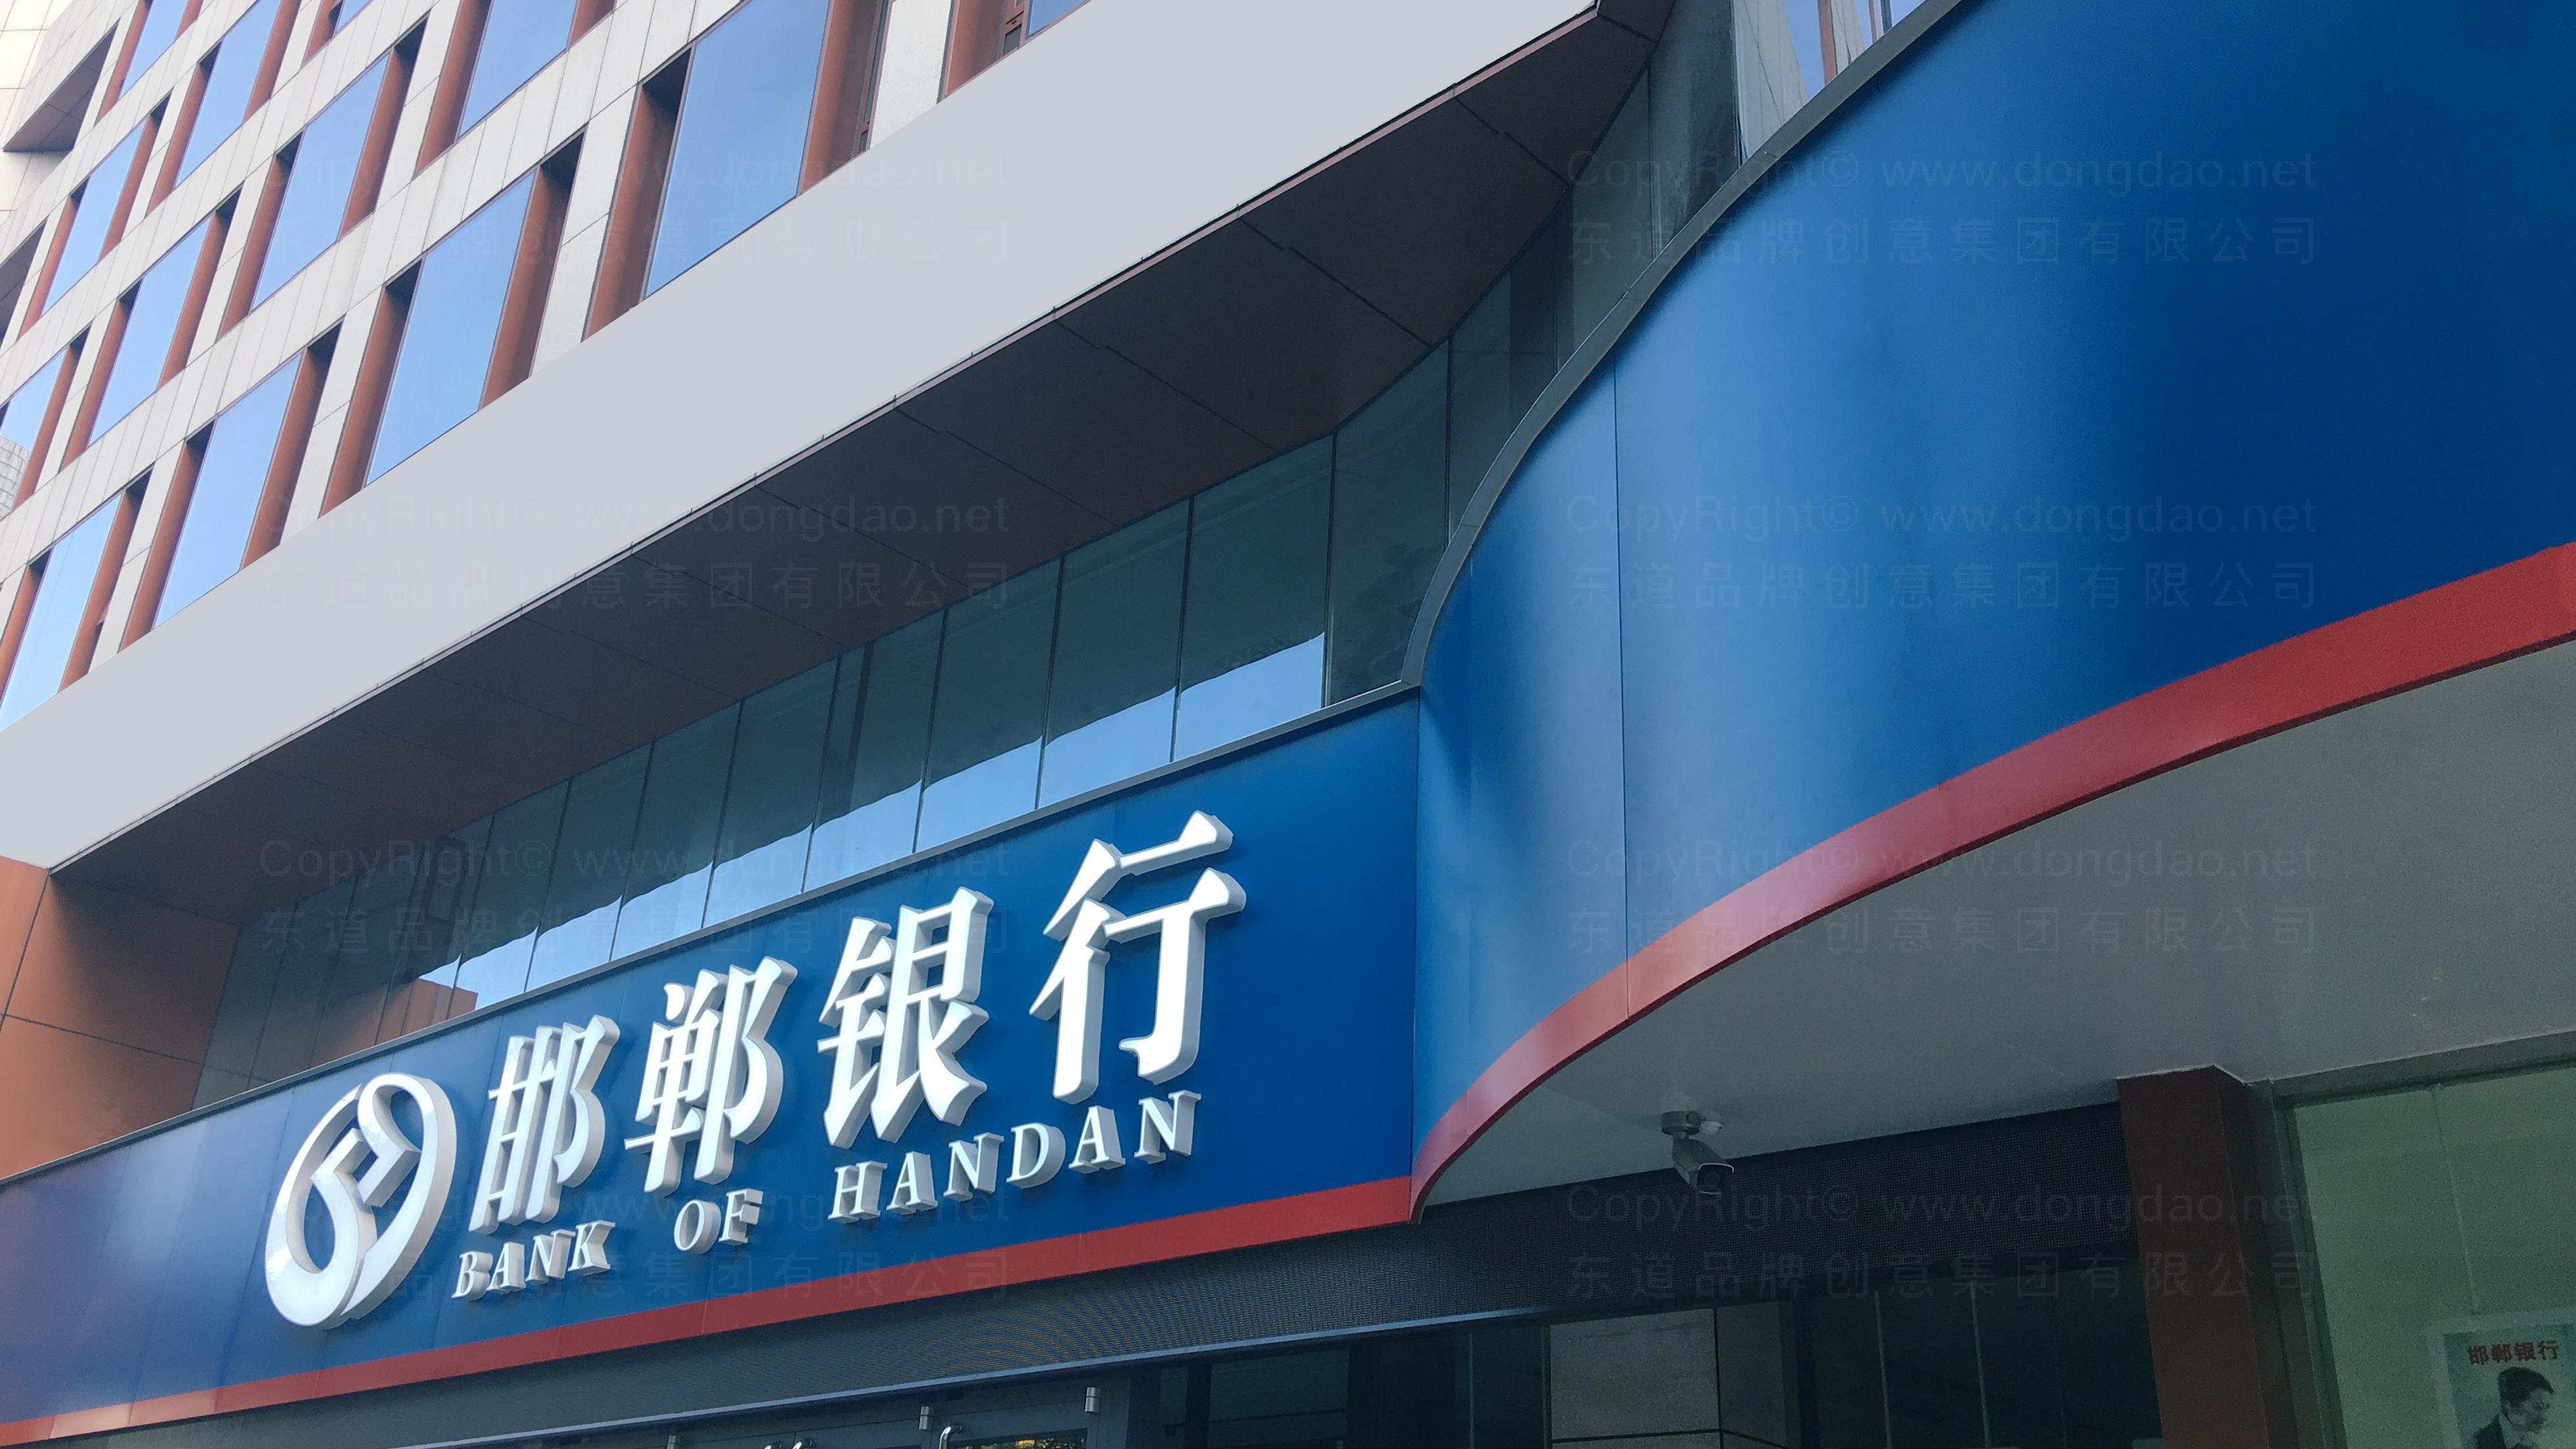 落地工程邯郸银行标识工程应用